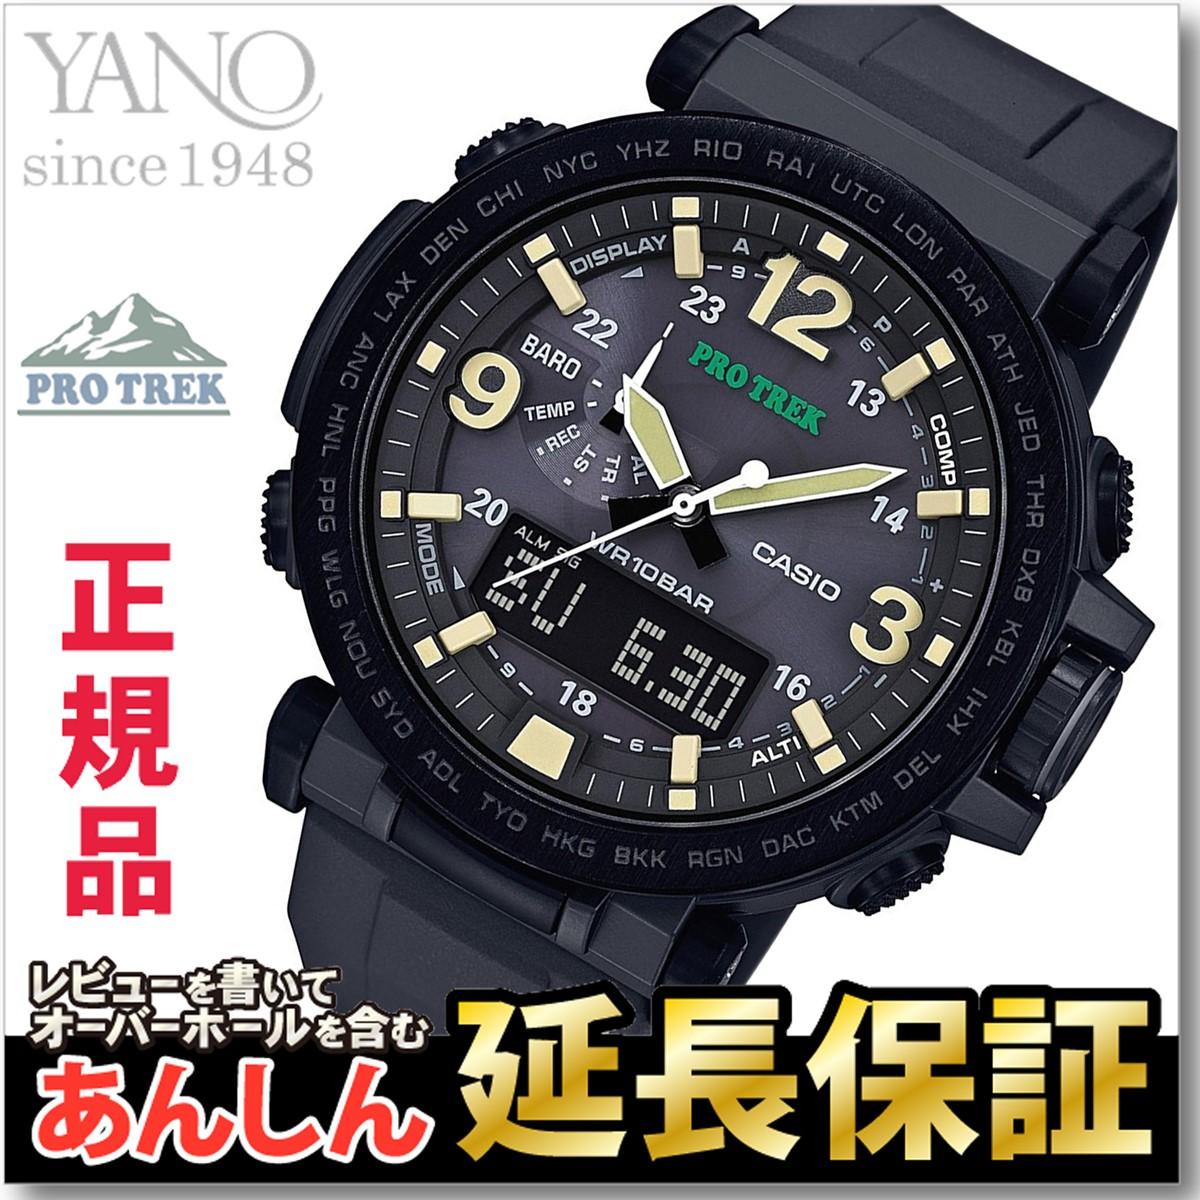 【2,000円OFFマラソンクーポン!9日20時から】カシオ プロトレック PRG-600Y-1JF ソーラー 腕時計 メンズ デジアナ タフソーラー CASIO PRO TREK【正規品】【1016】※こちらは電波時計ではありません。